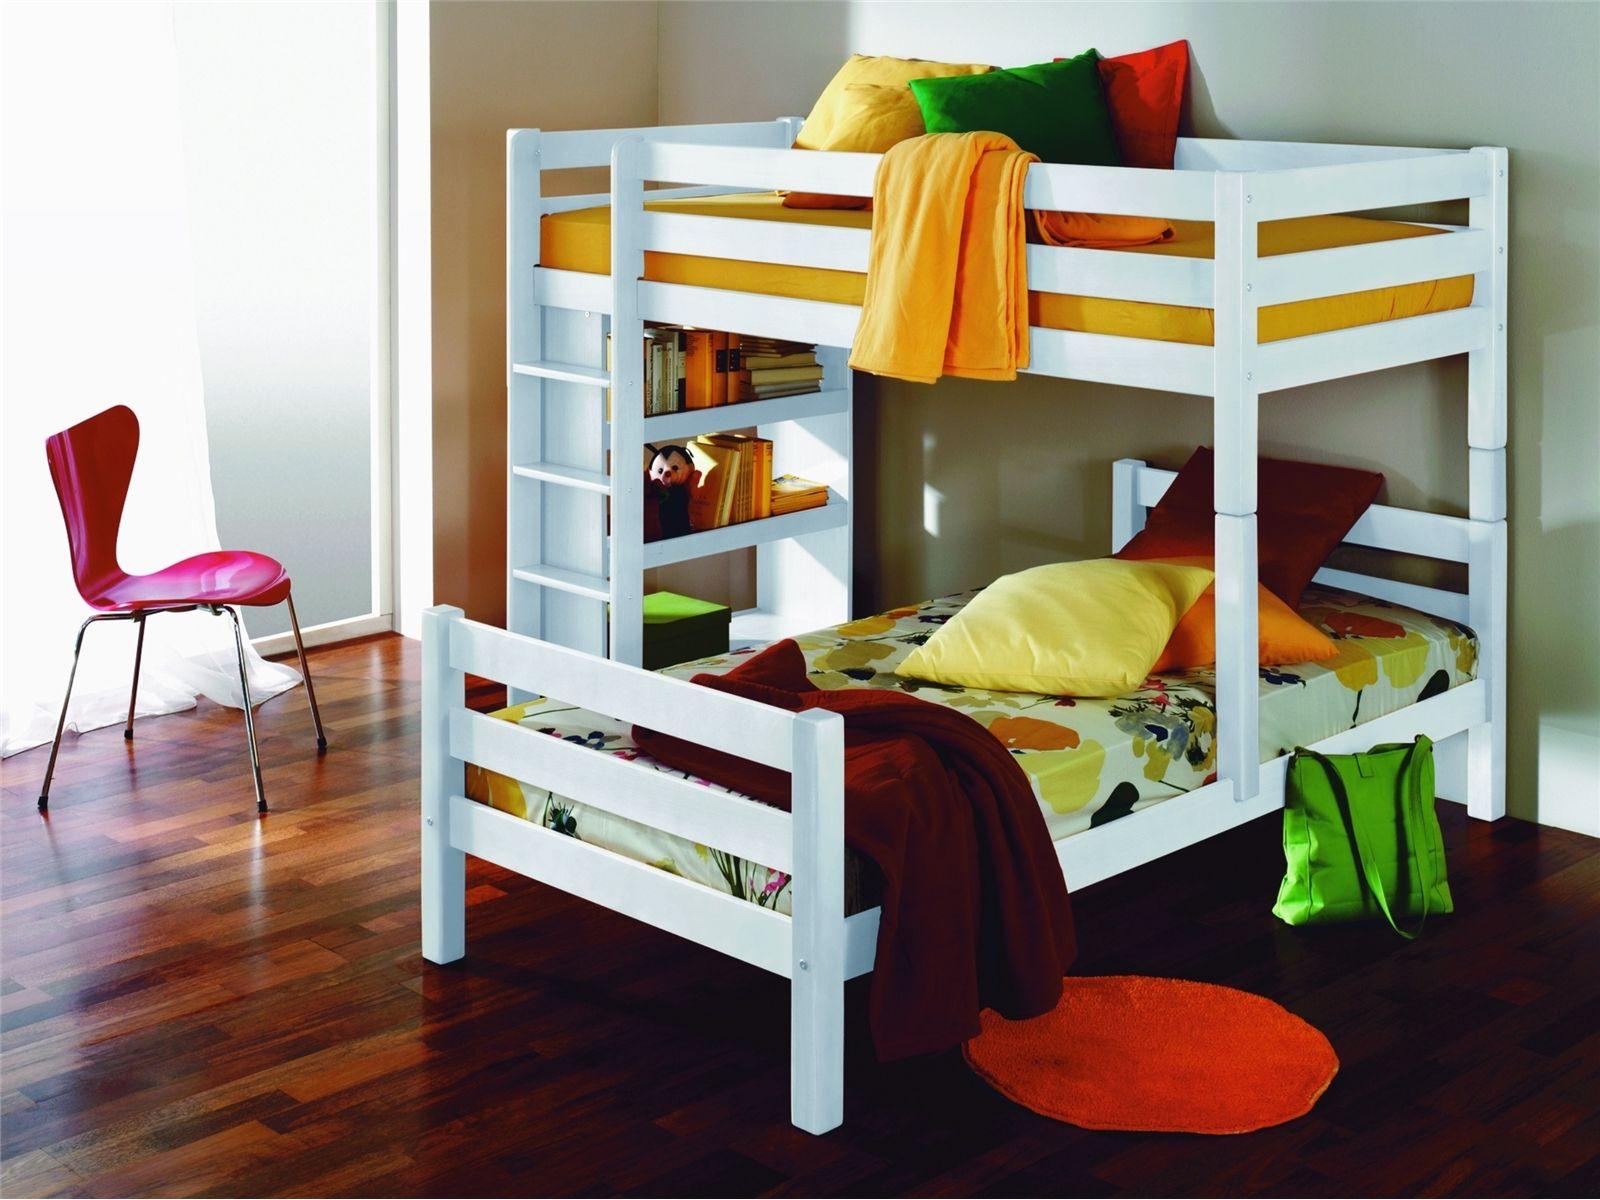 Etagenbett Weiss Buche Massiv : Weißes kinder etagenbett buche massiv cm teilbar auf